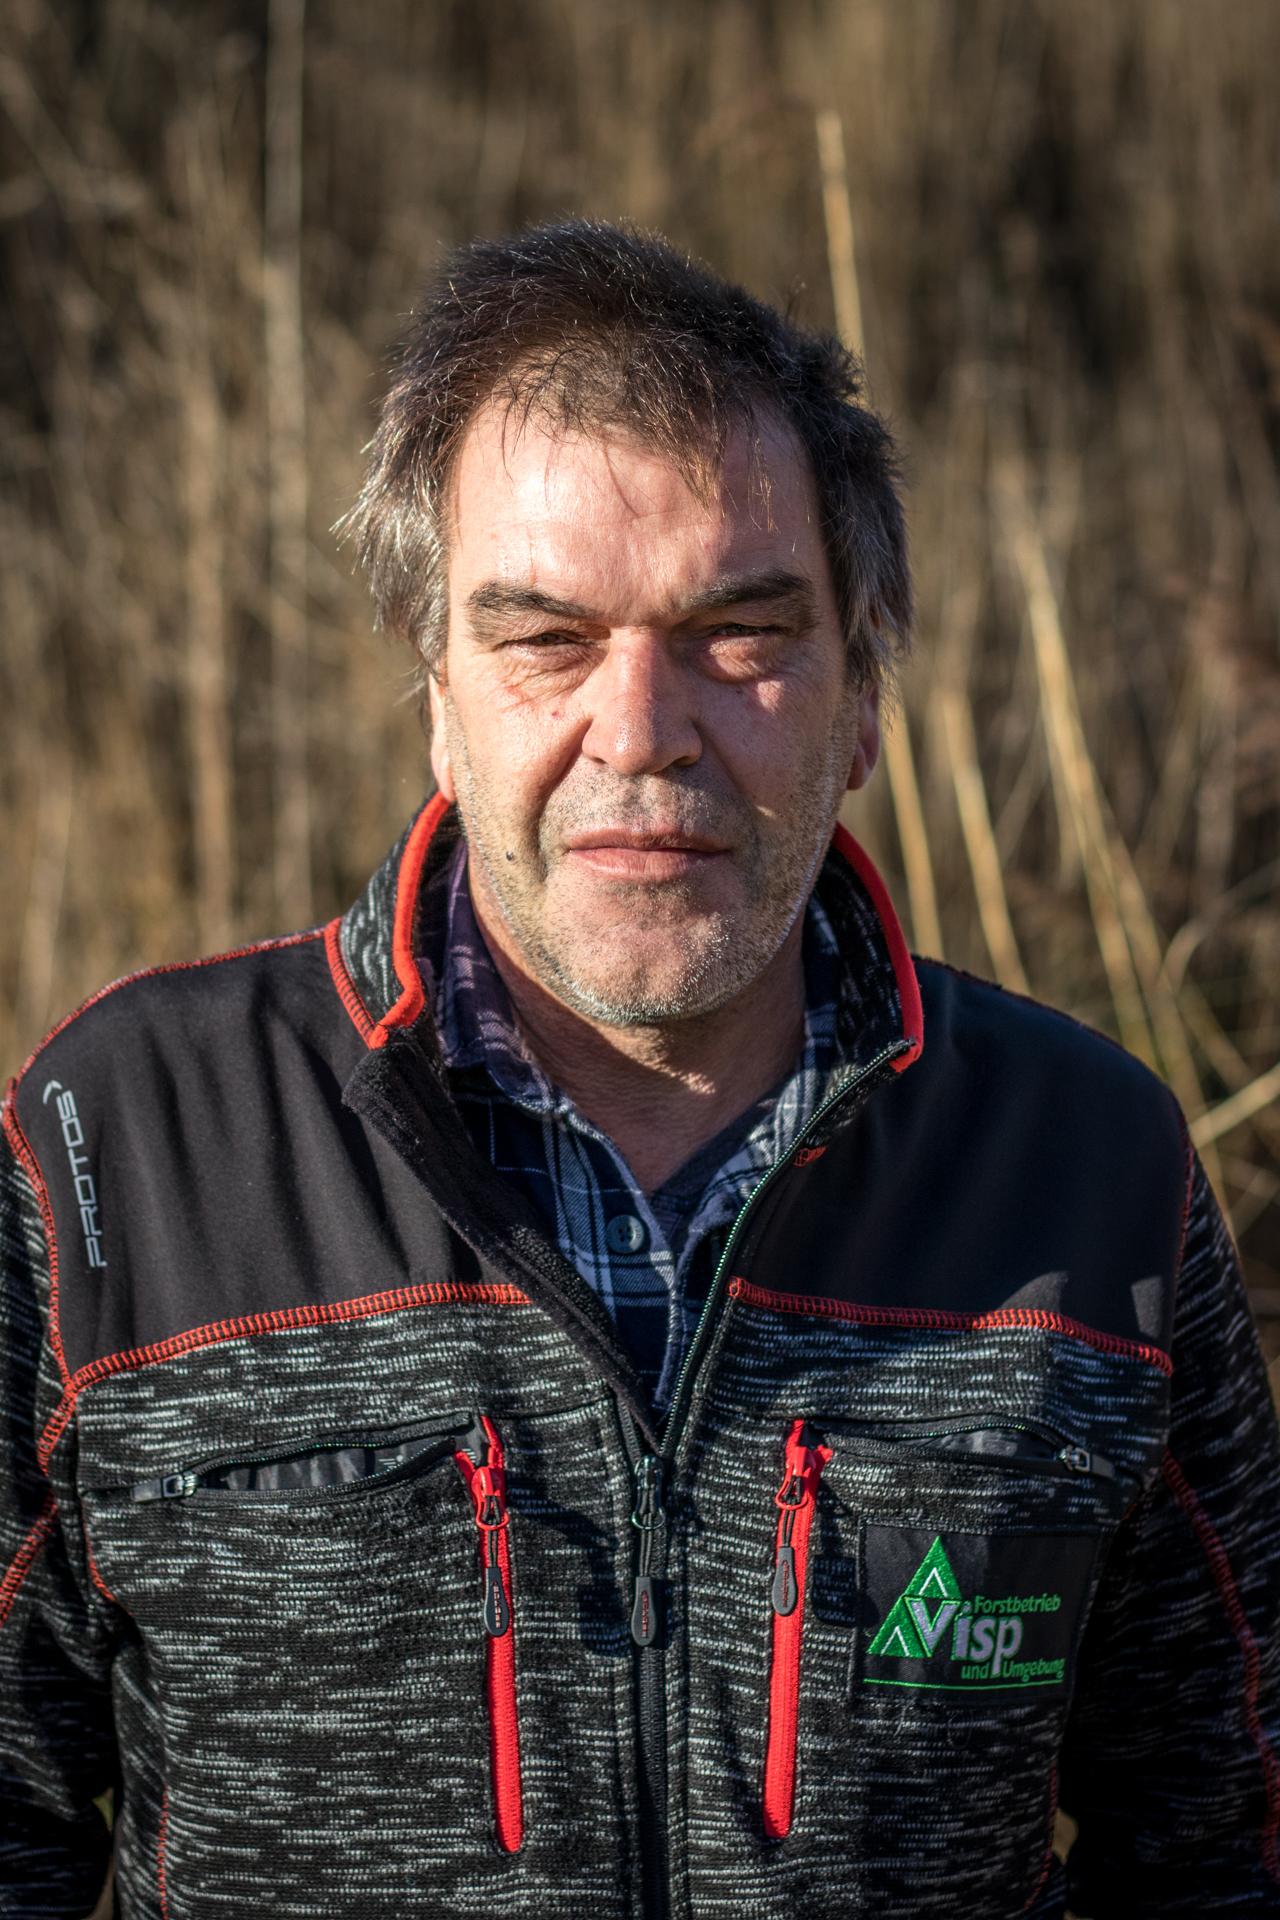 Martin Imesch